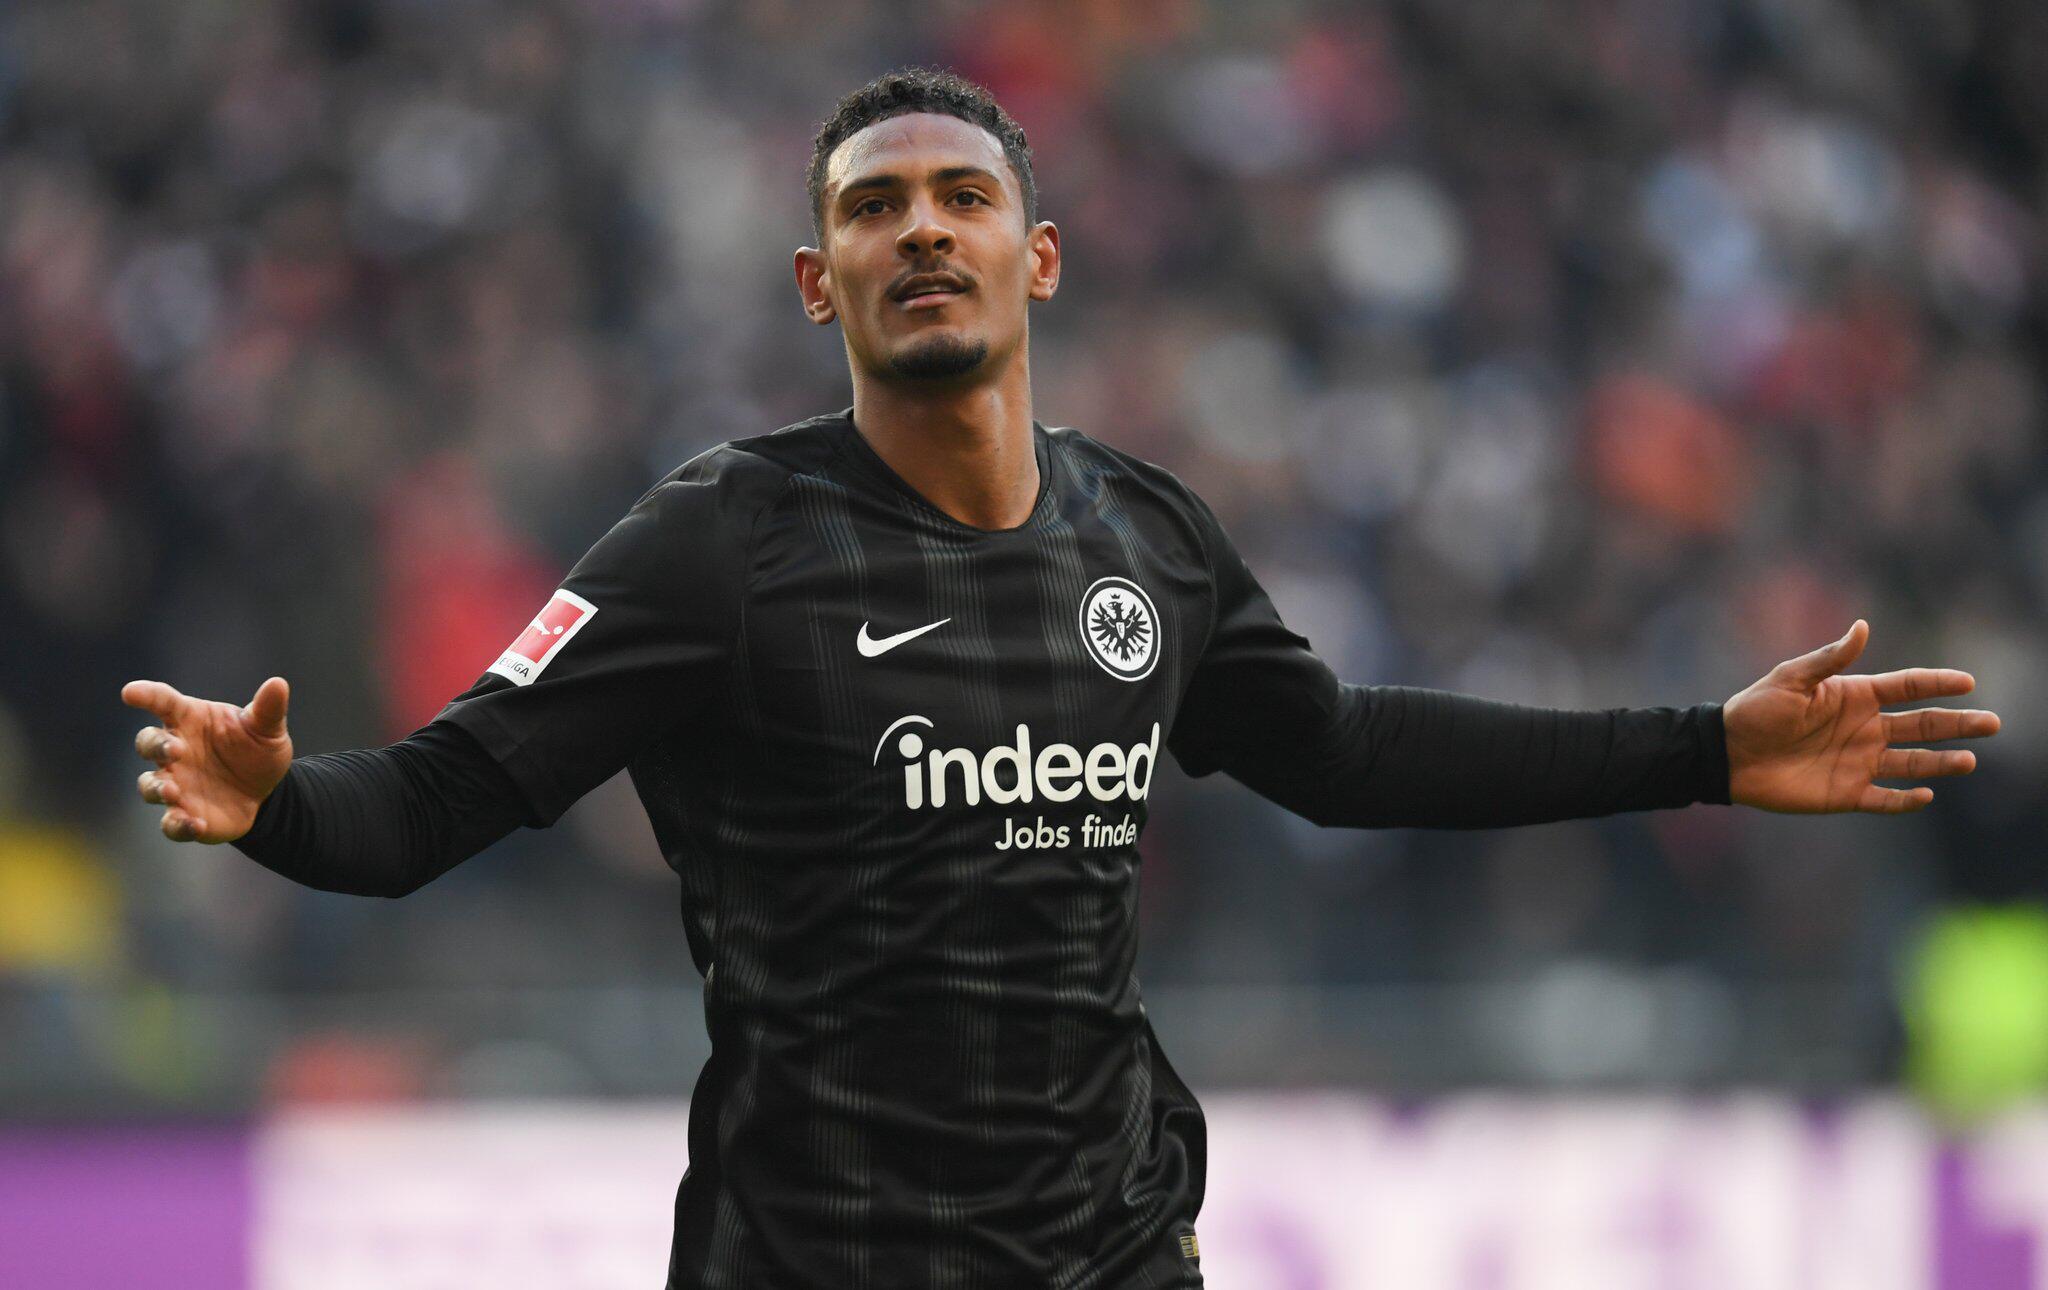 Bild zu Eintracht Frankfurt, Sébastien Haller, Bundesliga